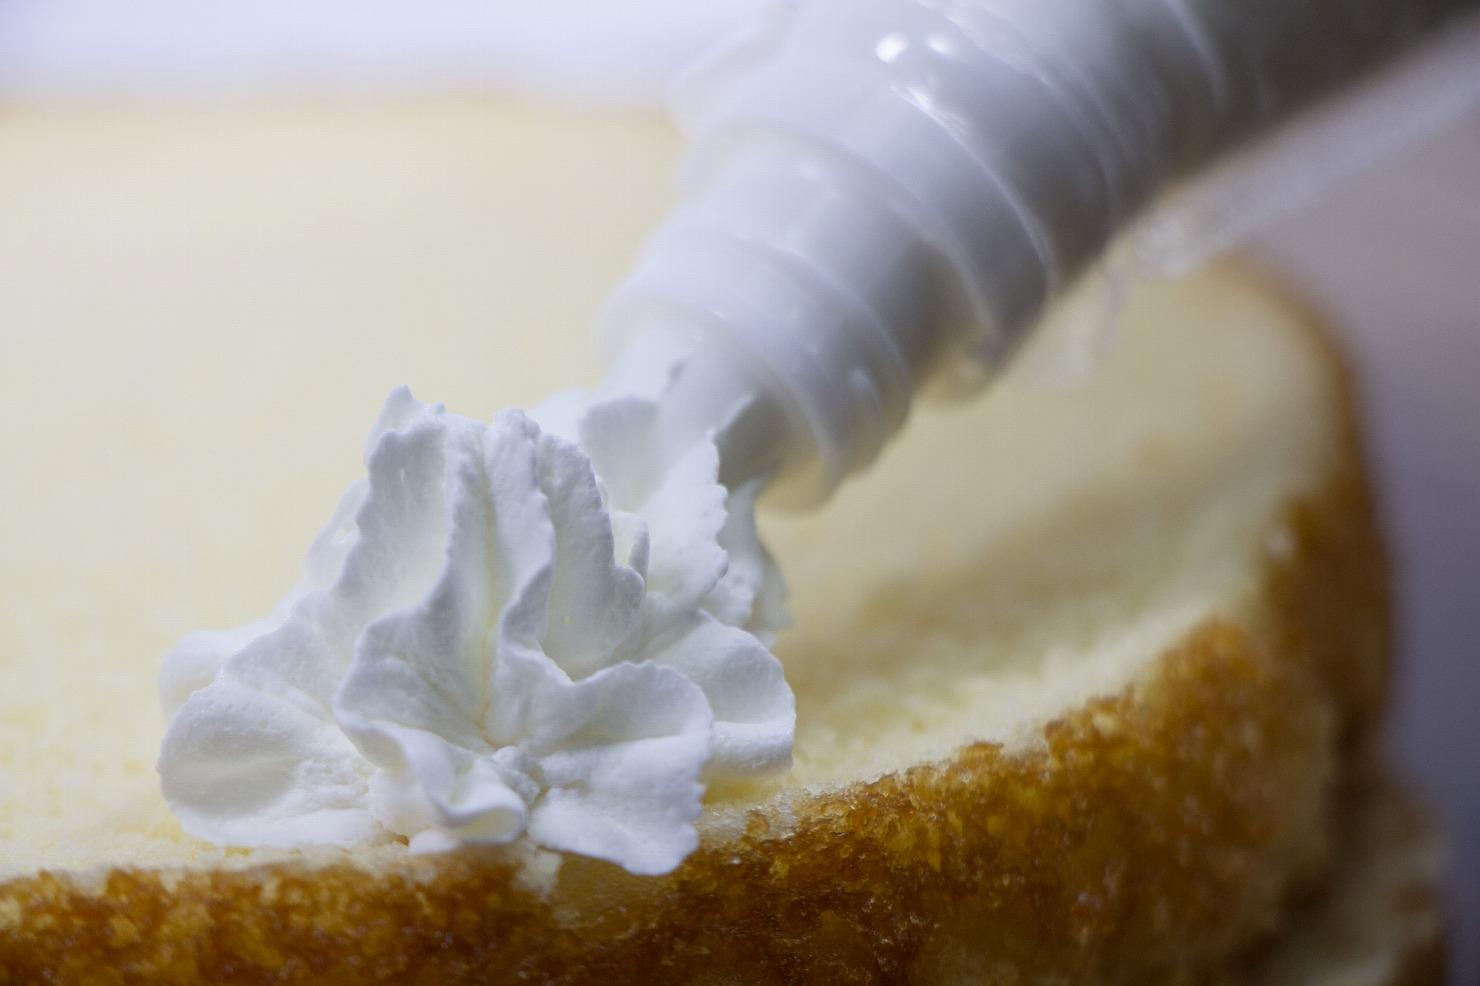 離乳食ケーキを与える際の注意点:生クリームは使わない